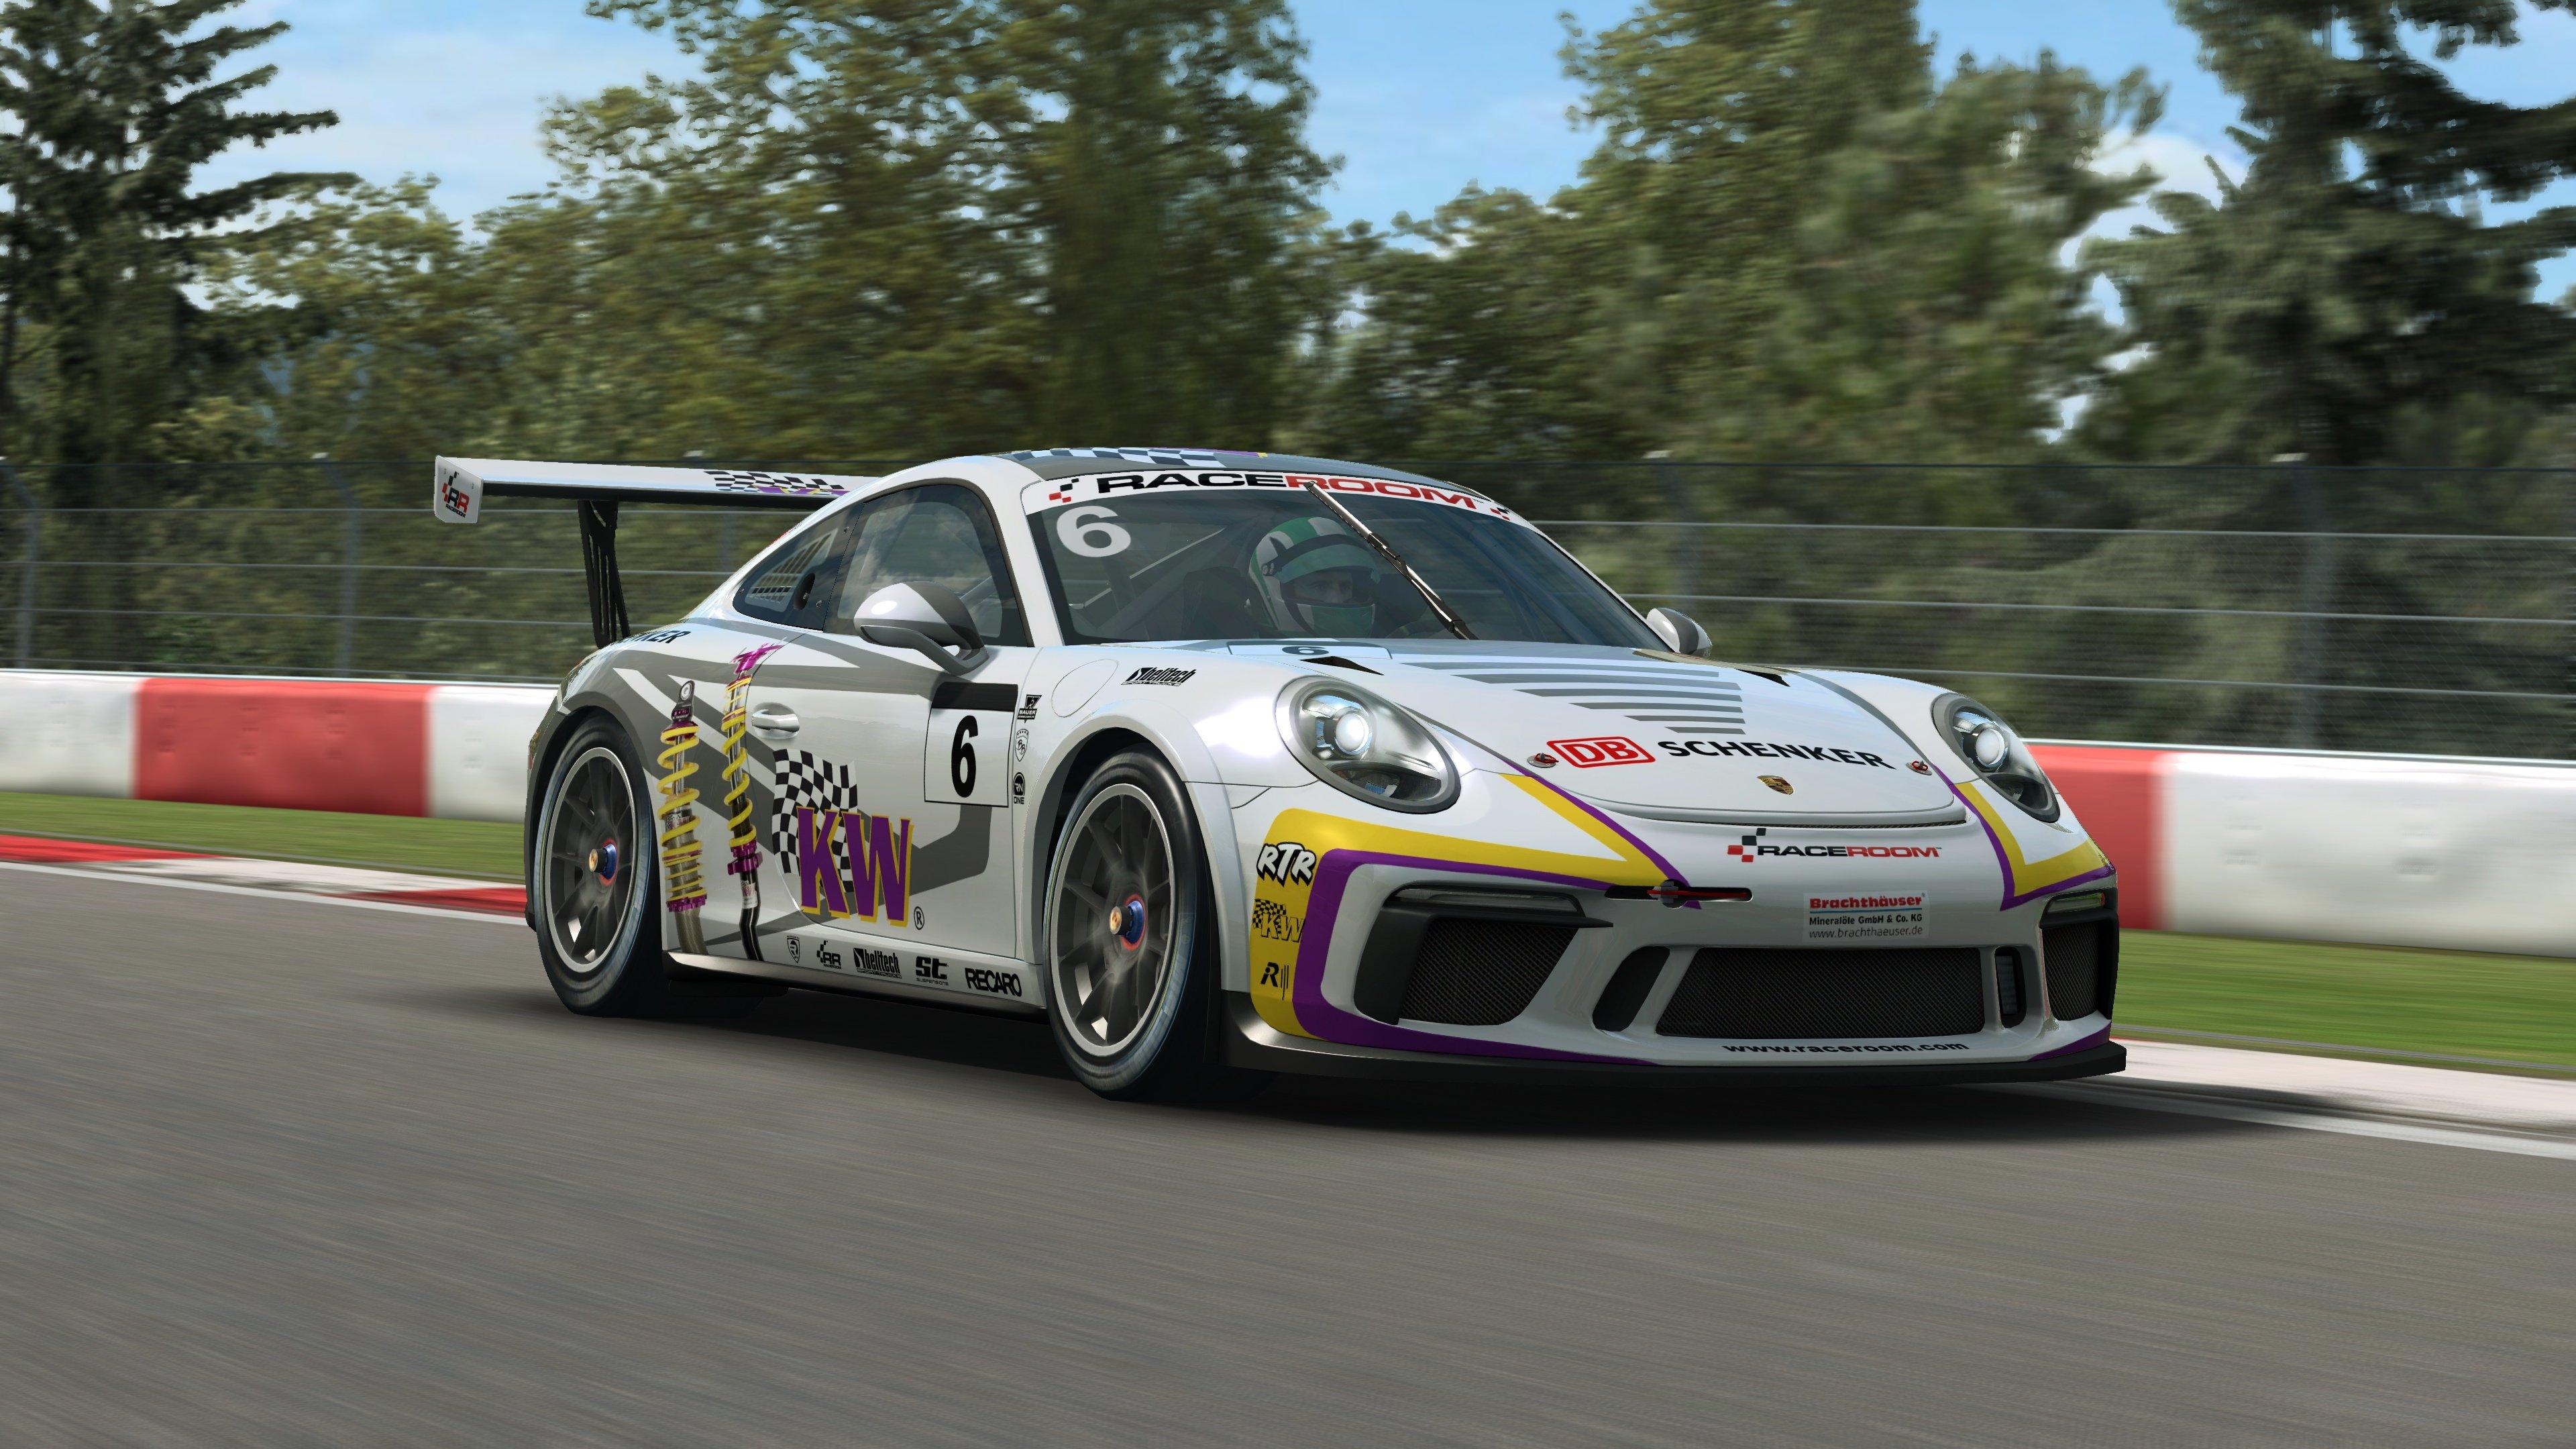 RaceRoom 991.2 Porsche 911 GT3 Cup 11